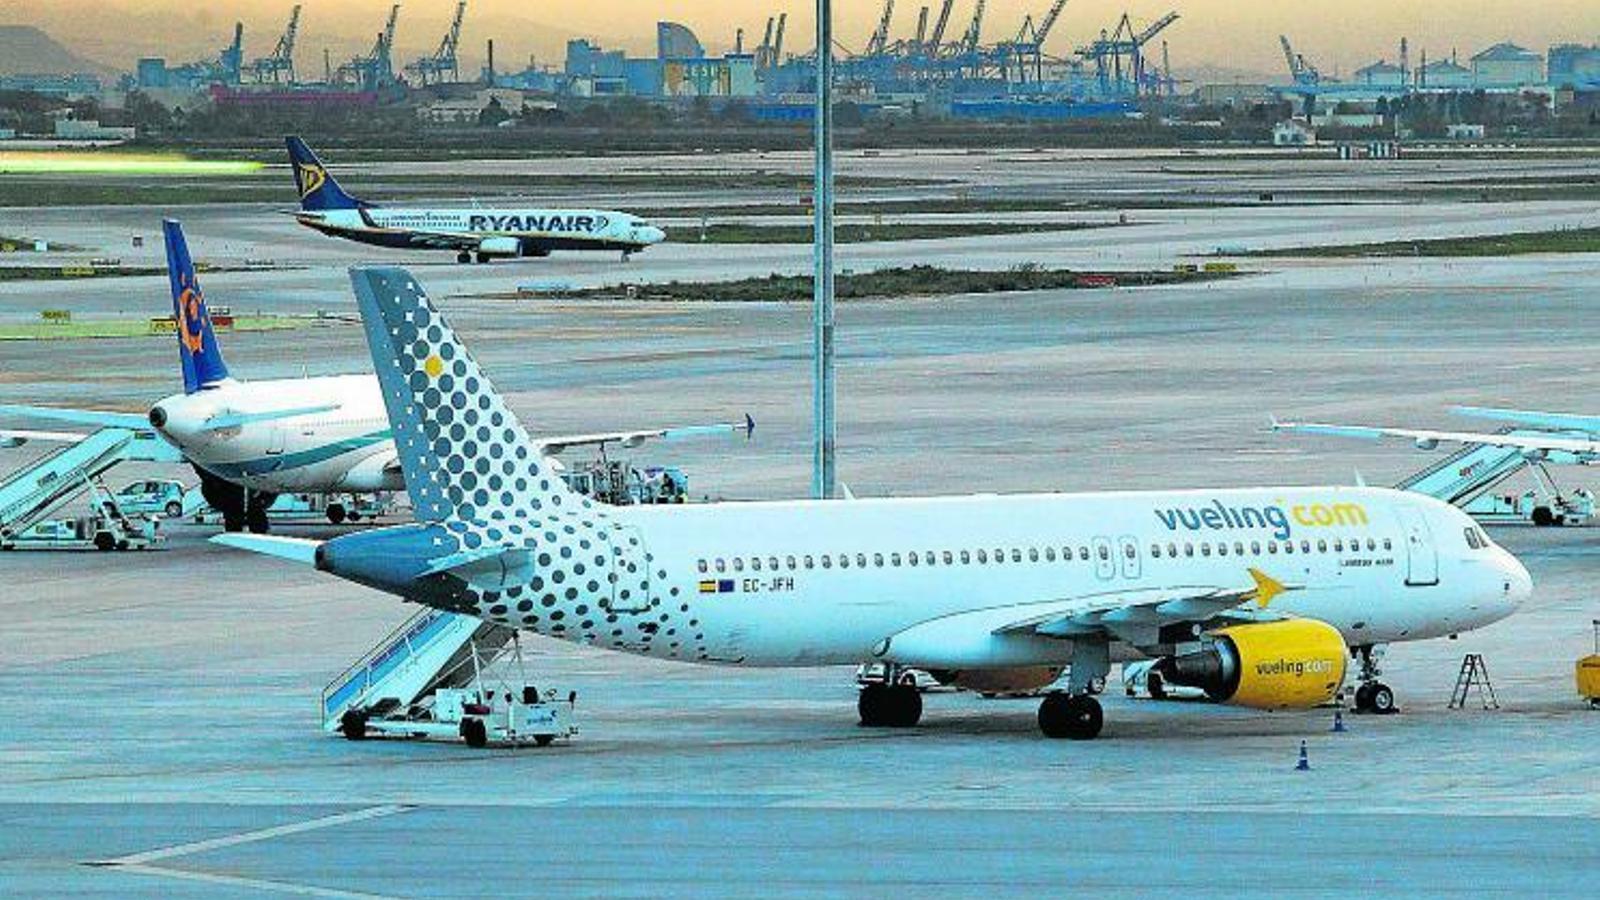 Un dels avions de Vueling a l'aeroport del Prat.